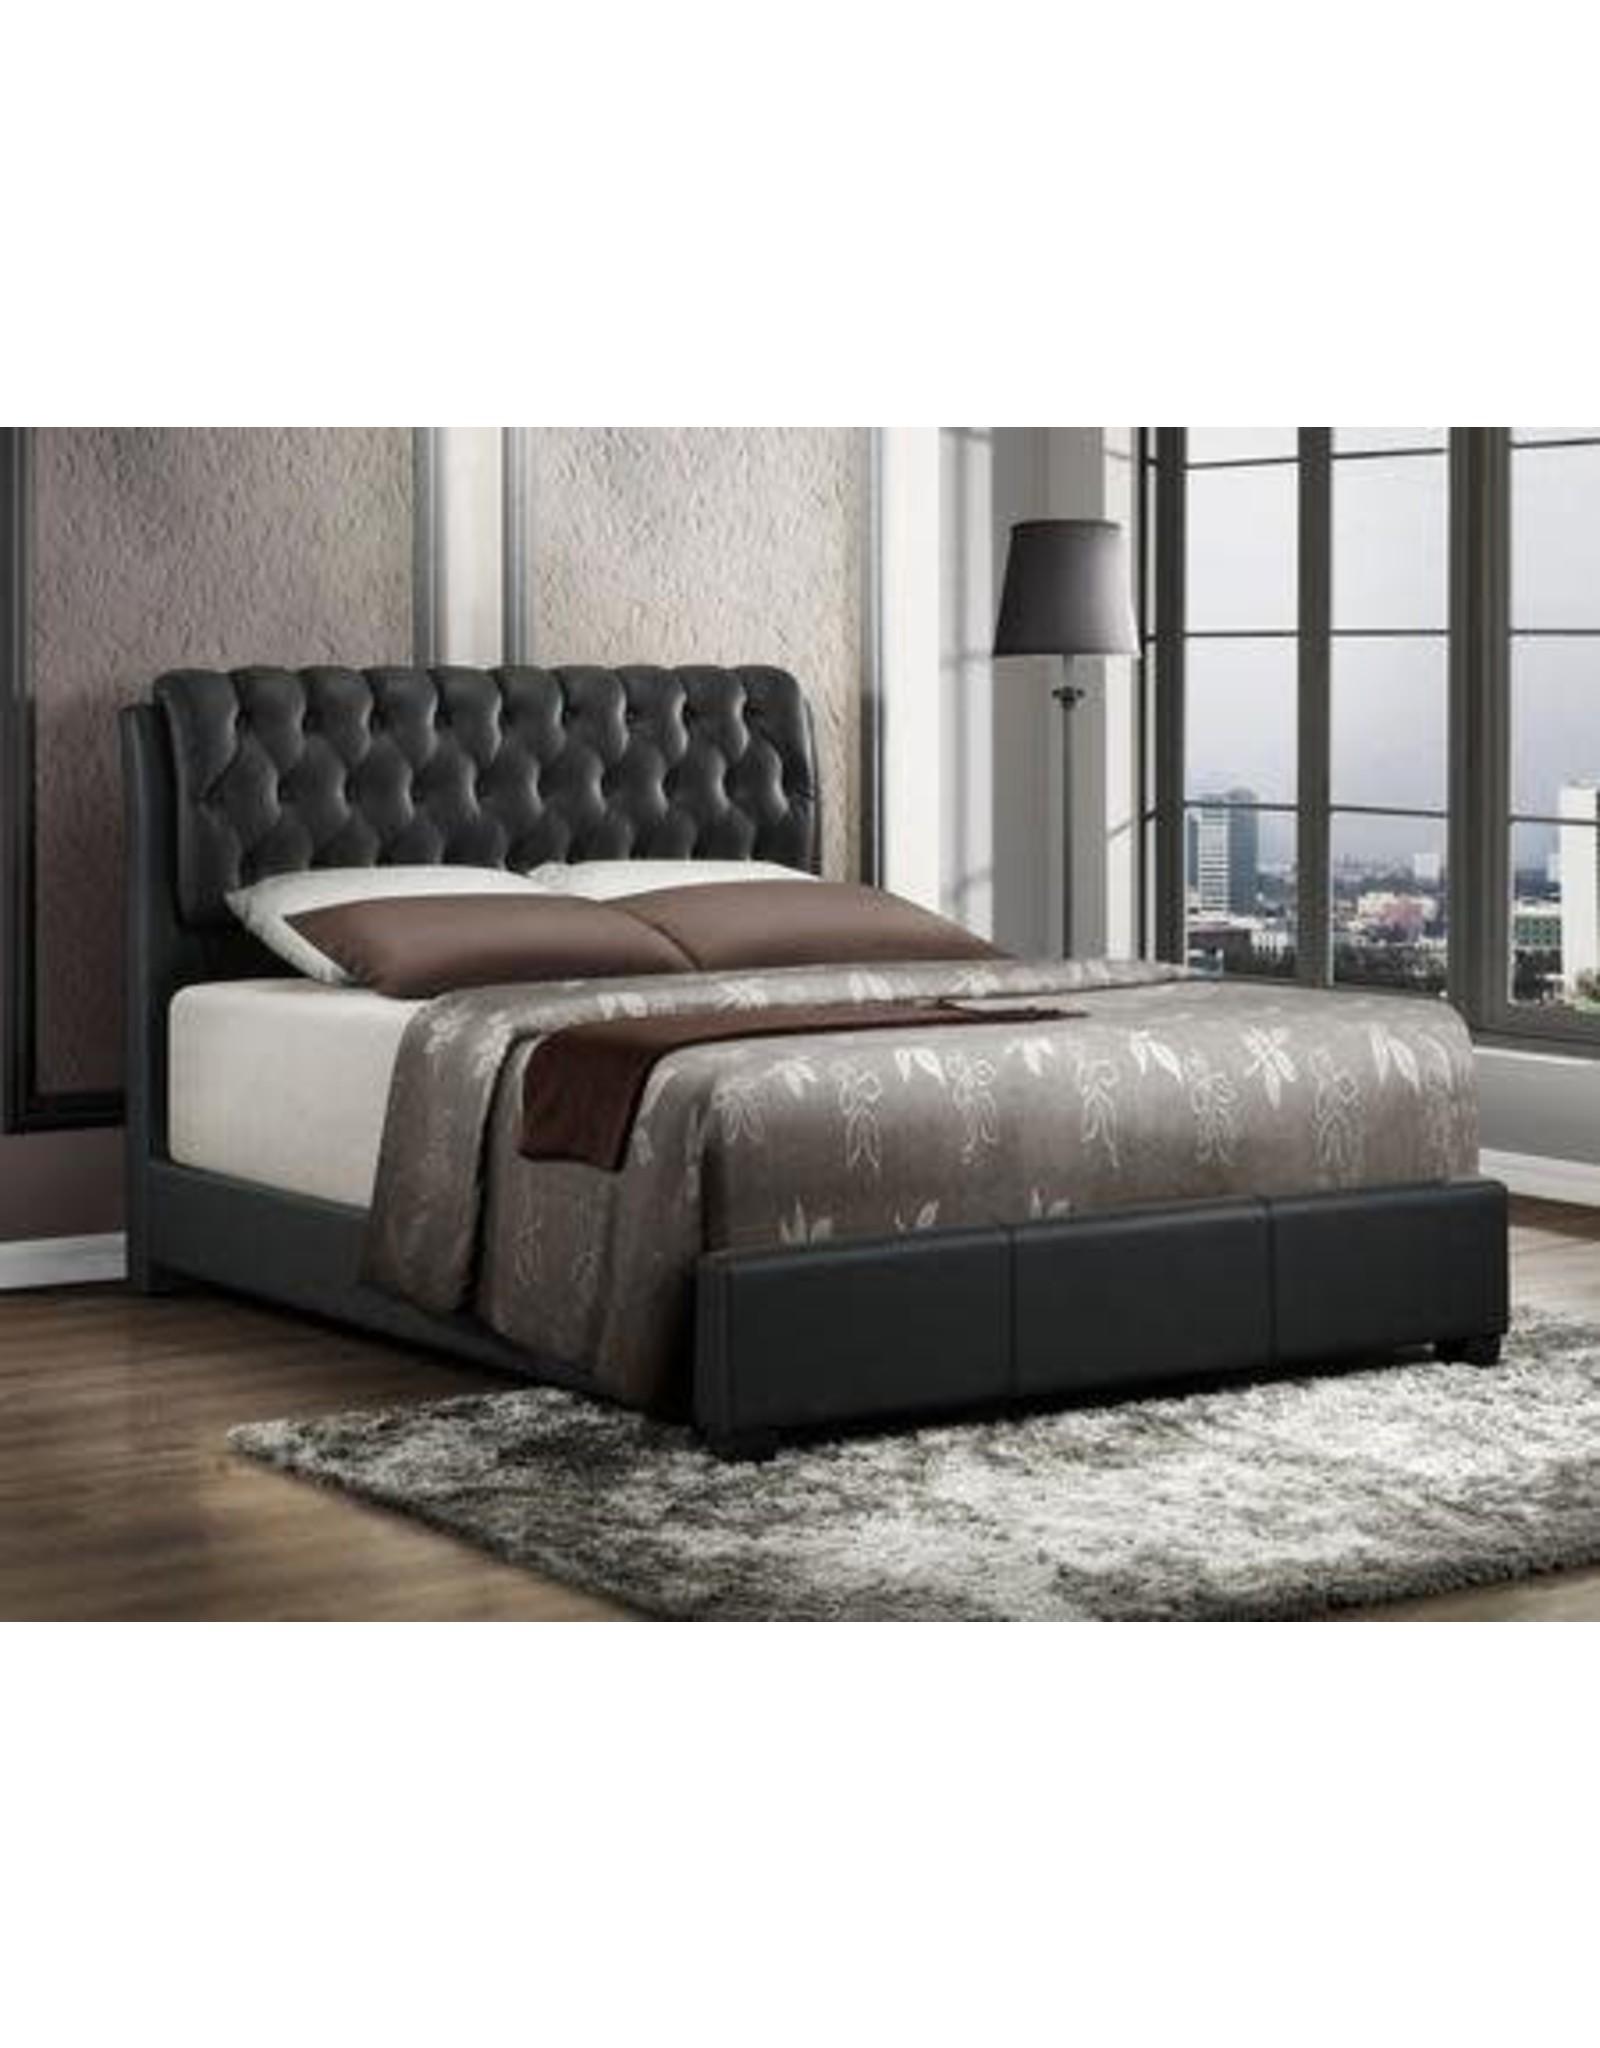 2955 Queen Bed Black